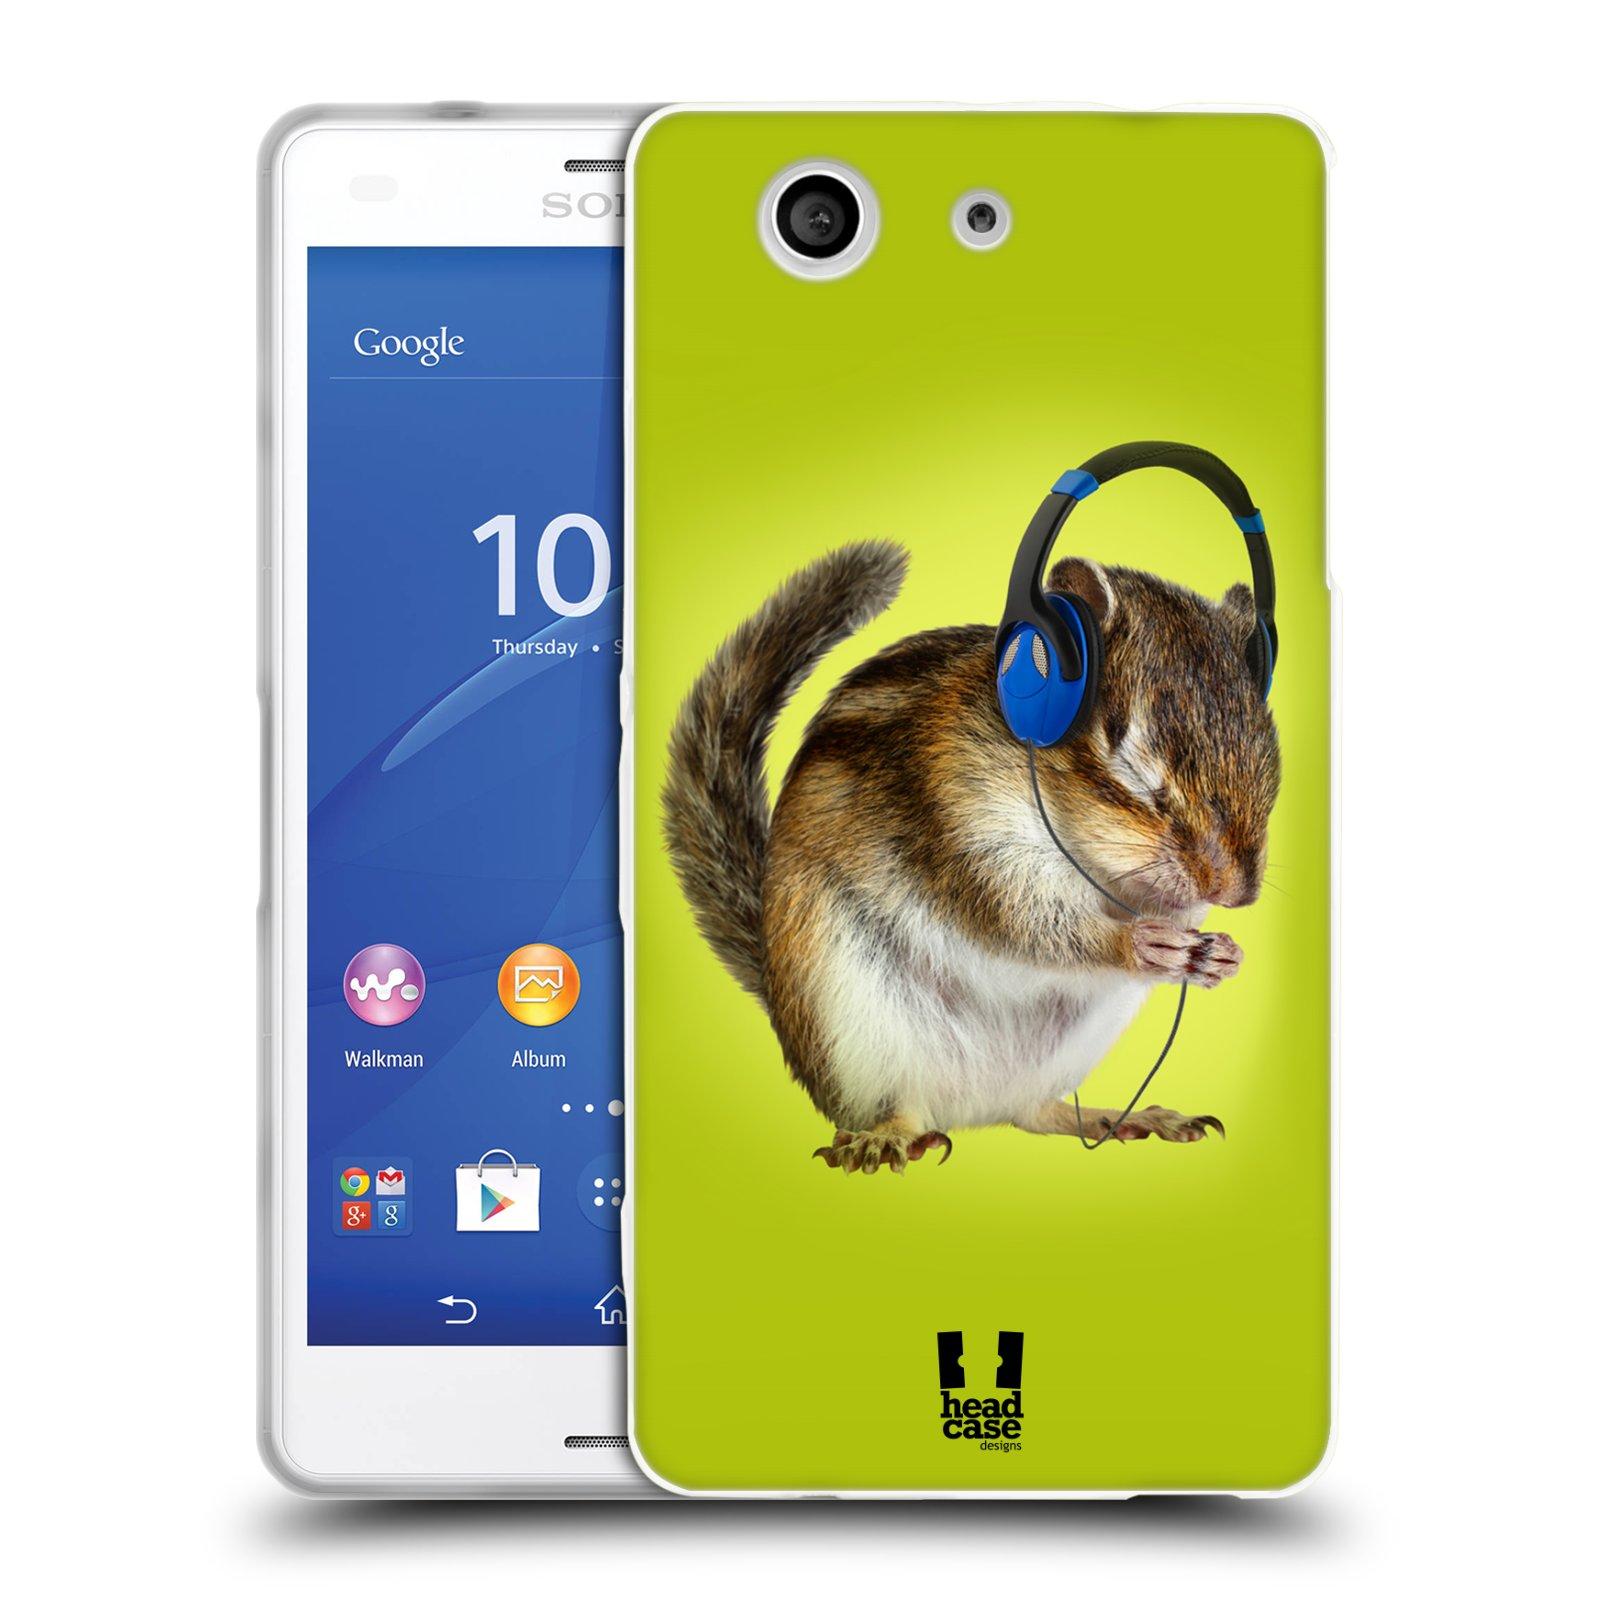 HEAD CASE silikonový obal na mobil Sony Xperia Z3 COMPACT (D5803) vzor Legrační zvířátka veverka se sluchátky